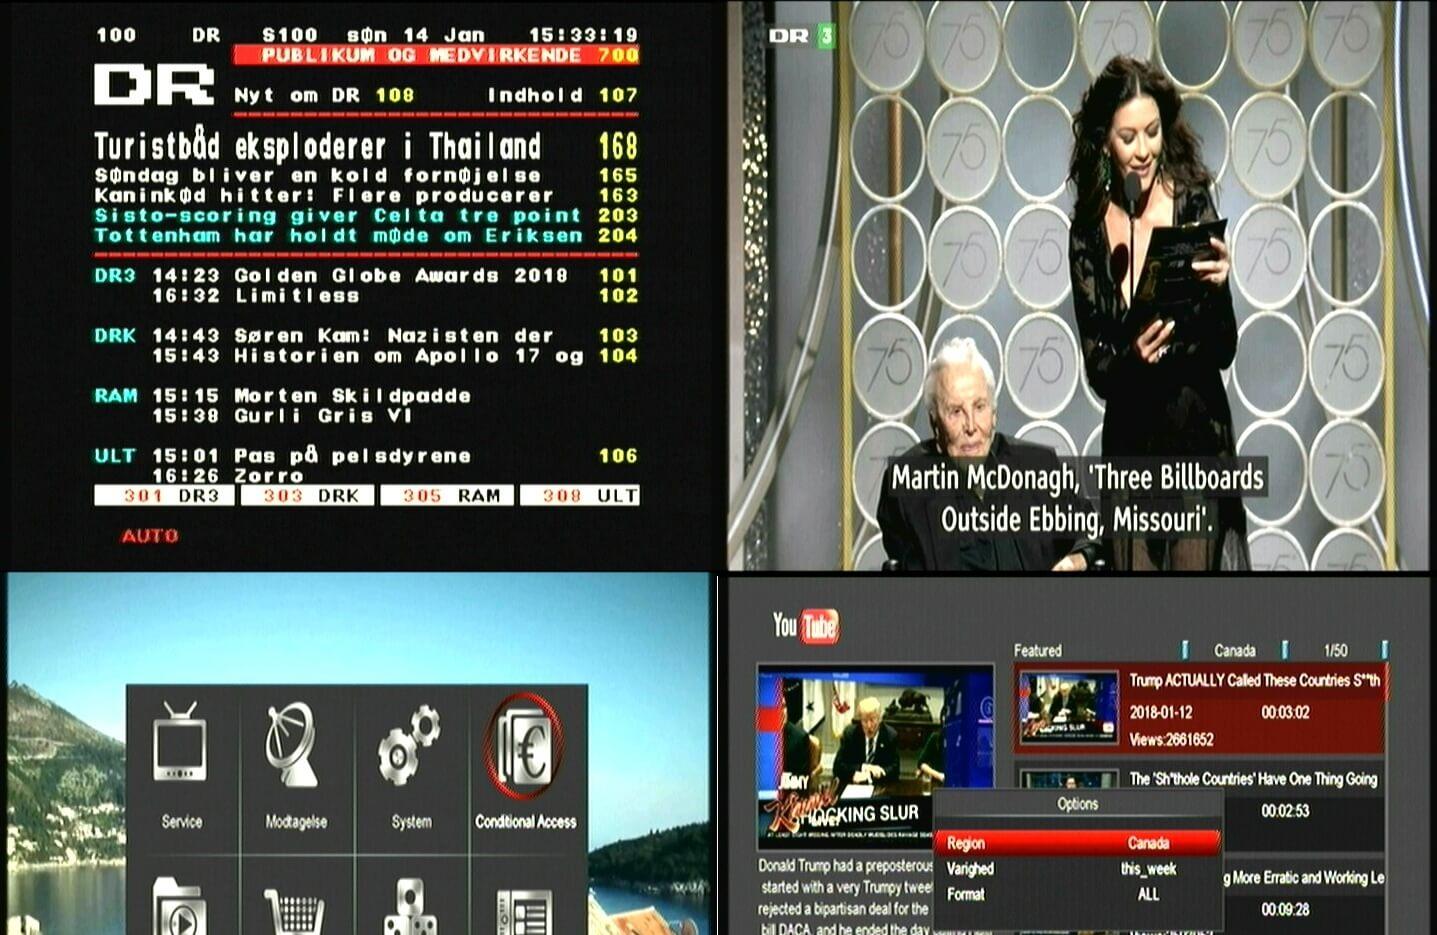 Menu eksempel fra Digitalmodtager Edision Piccollo DVT-T2 ogh DVB-S2 modtager.